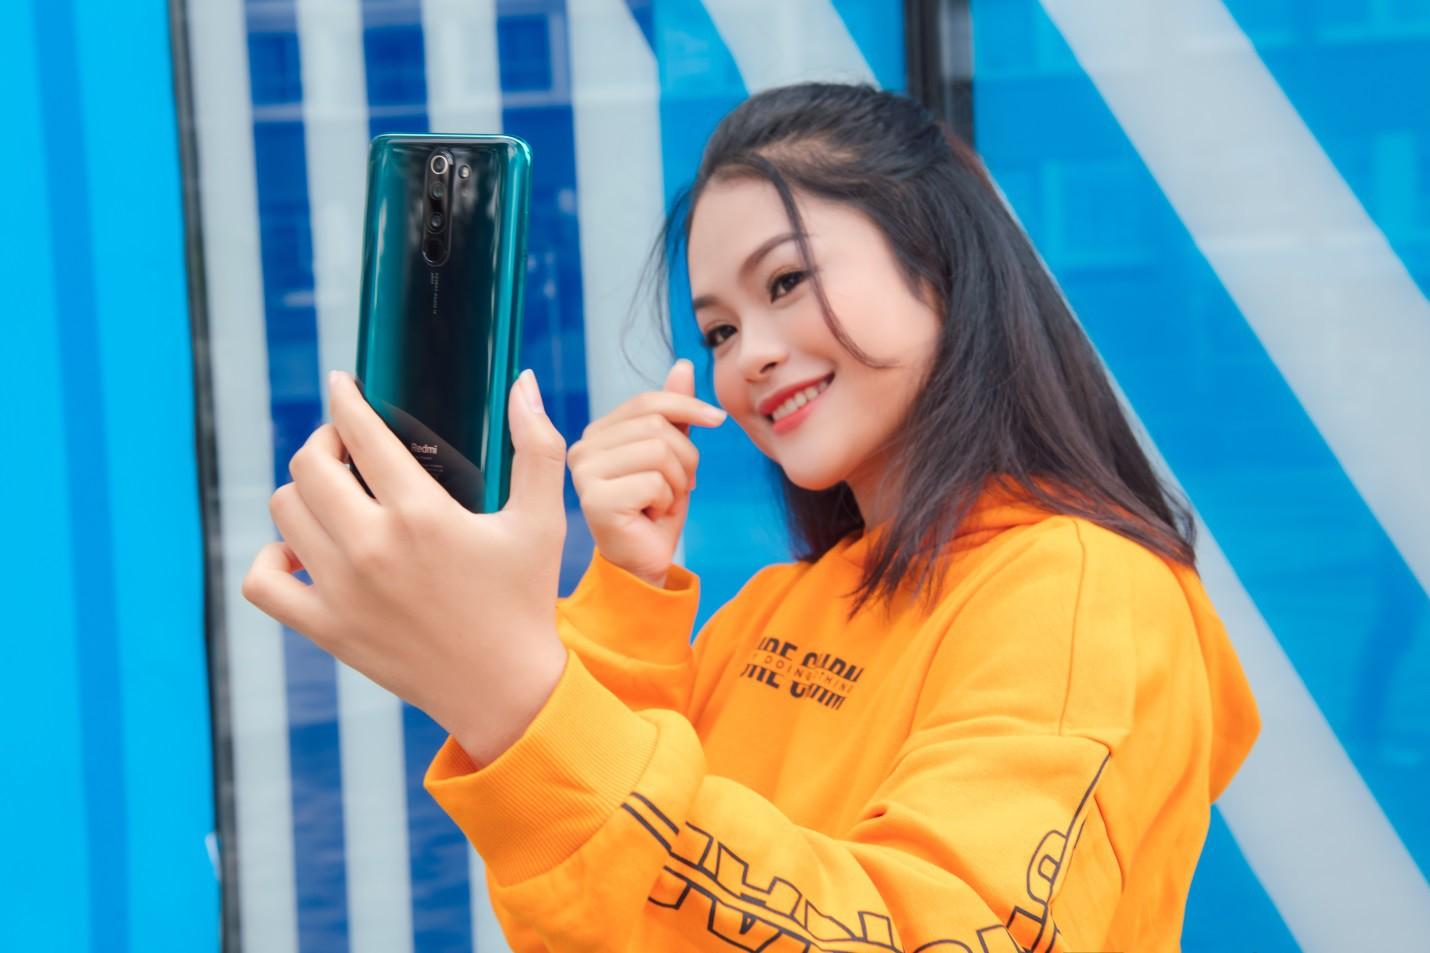 Ngắm bộ ảnh dễ thương của nữ sinh 18 tuổi mới được chọn làm gương mặt đồng hành cùng Xiaomi - Ảnh 2.